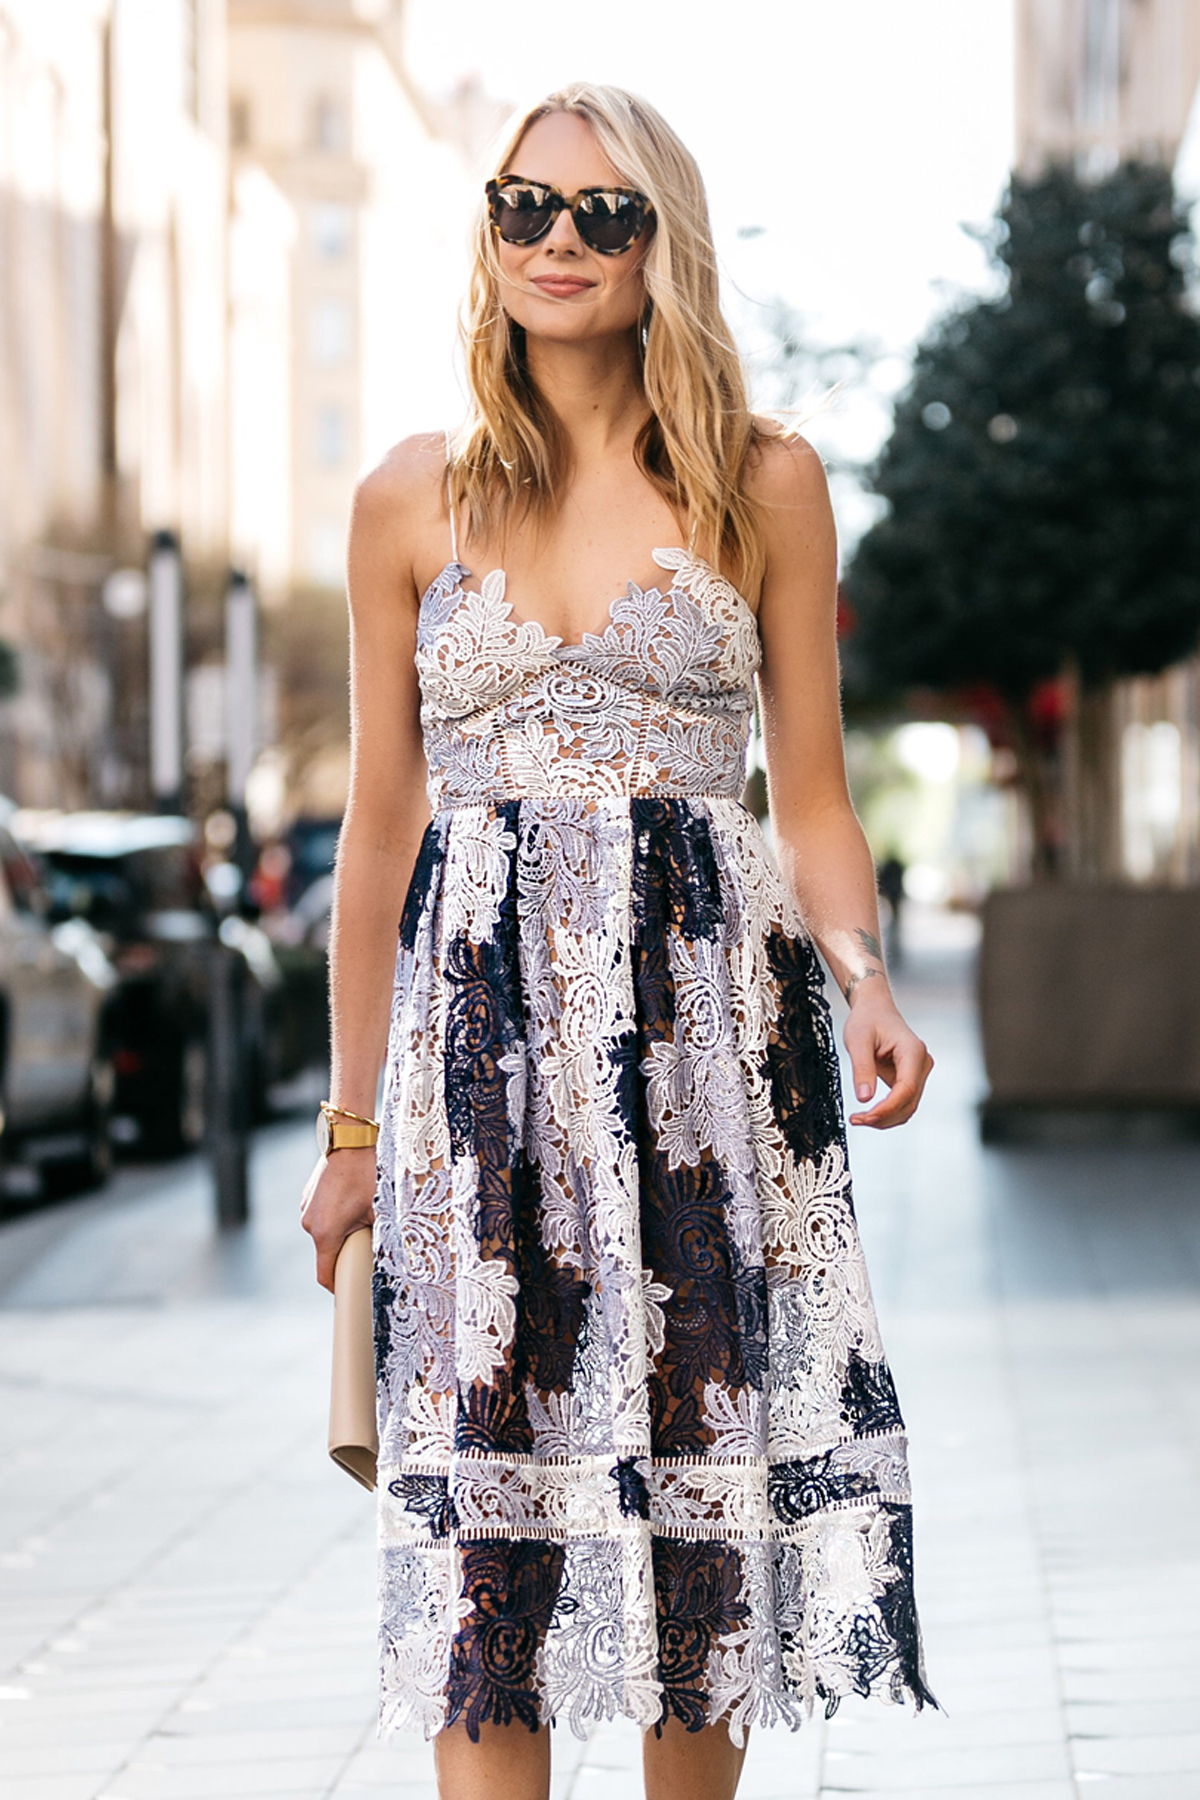 Fashion Jackson, Dallas Blogger, Fashion Blogger, Street Style, Self-Portrait Camellias Lace Dress, Saint Laurent Monogram Clutch